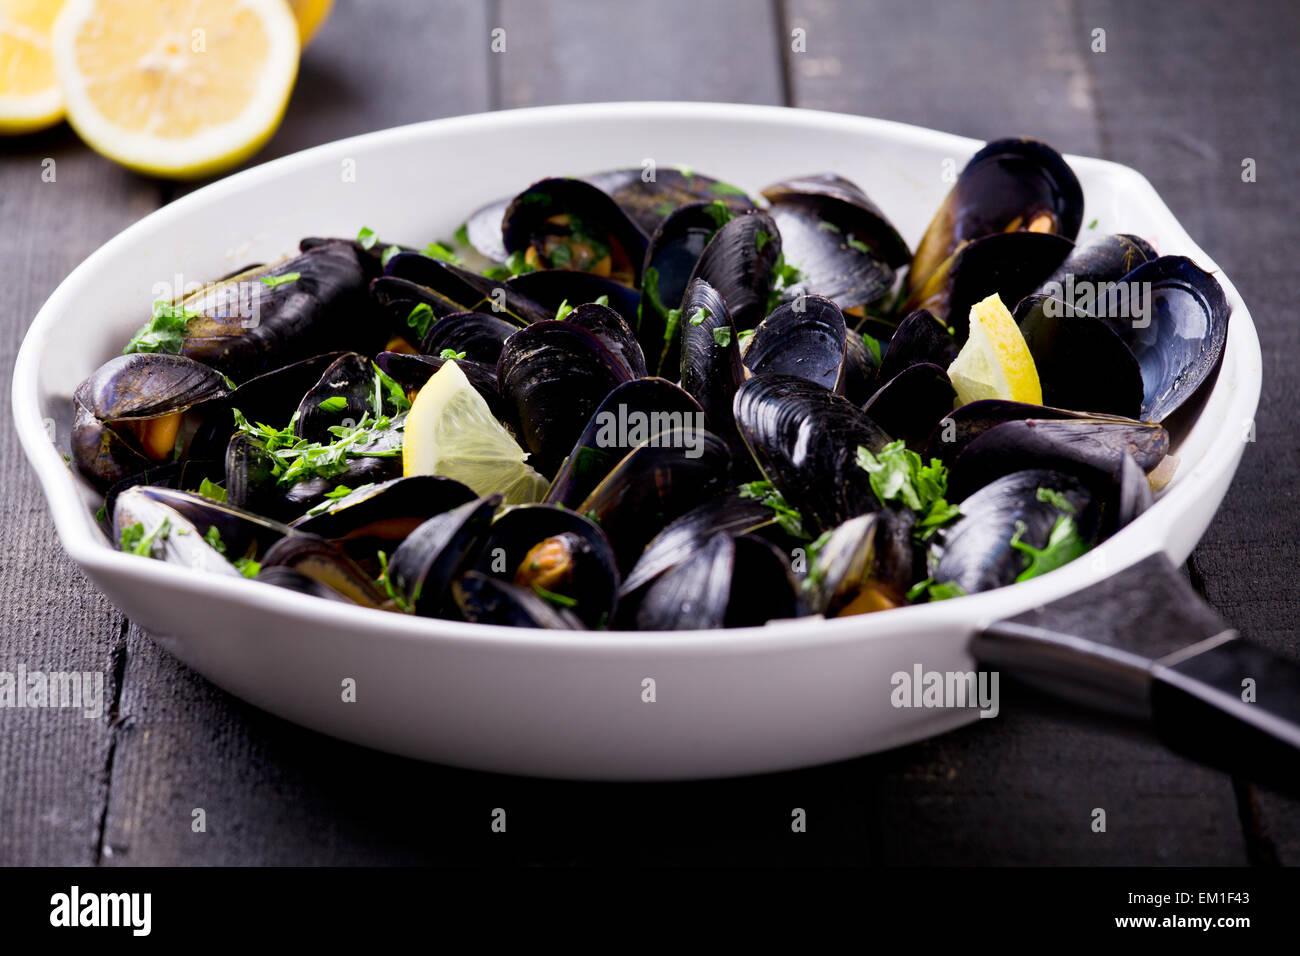 Les moules fraîches cuites dans une casserole avec le vin et les herbes Photo Stock